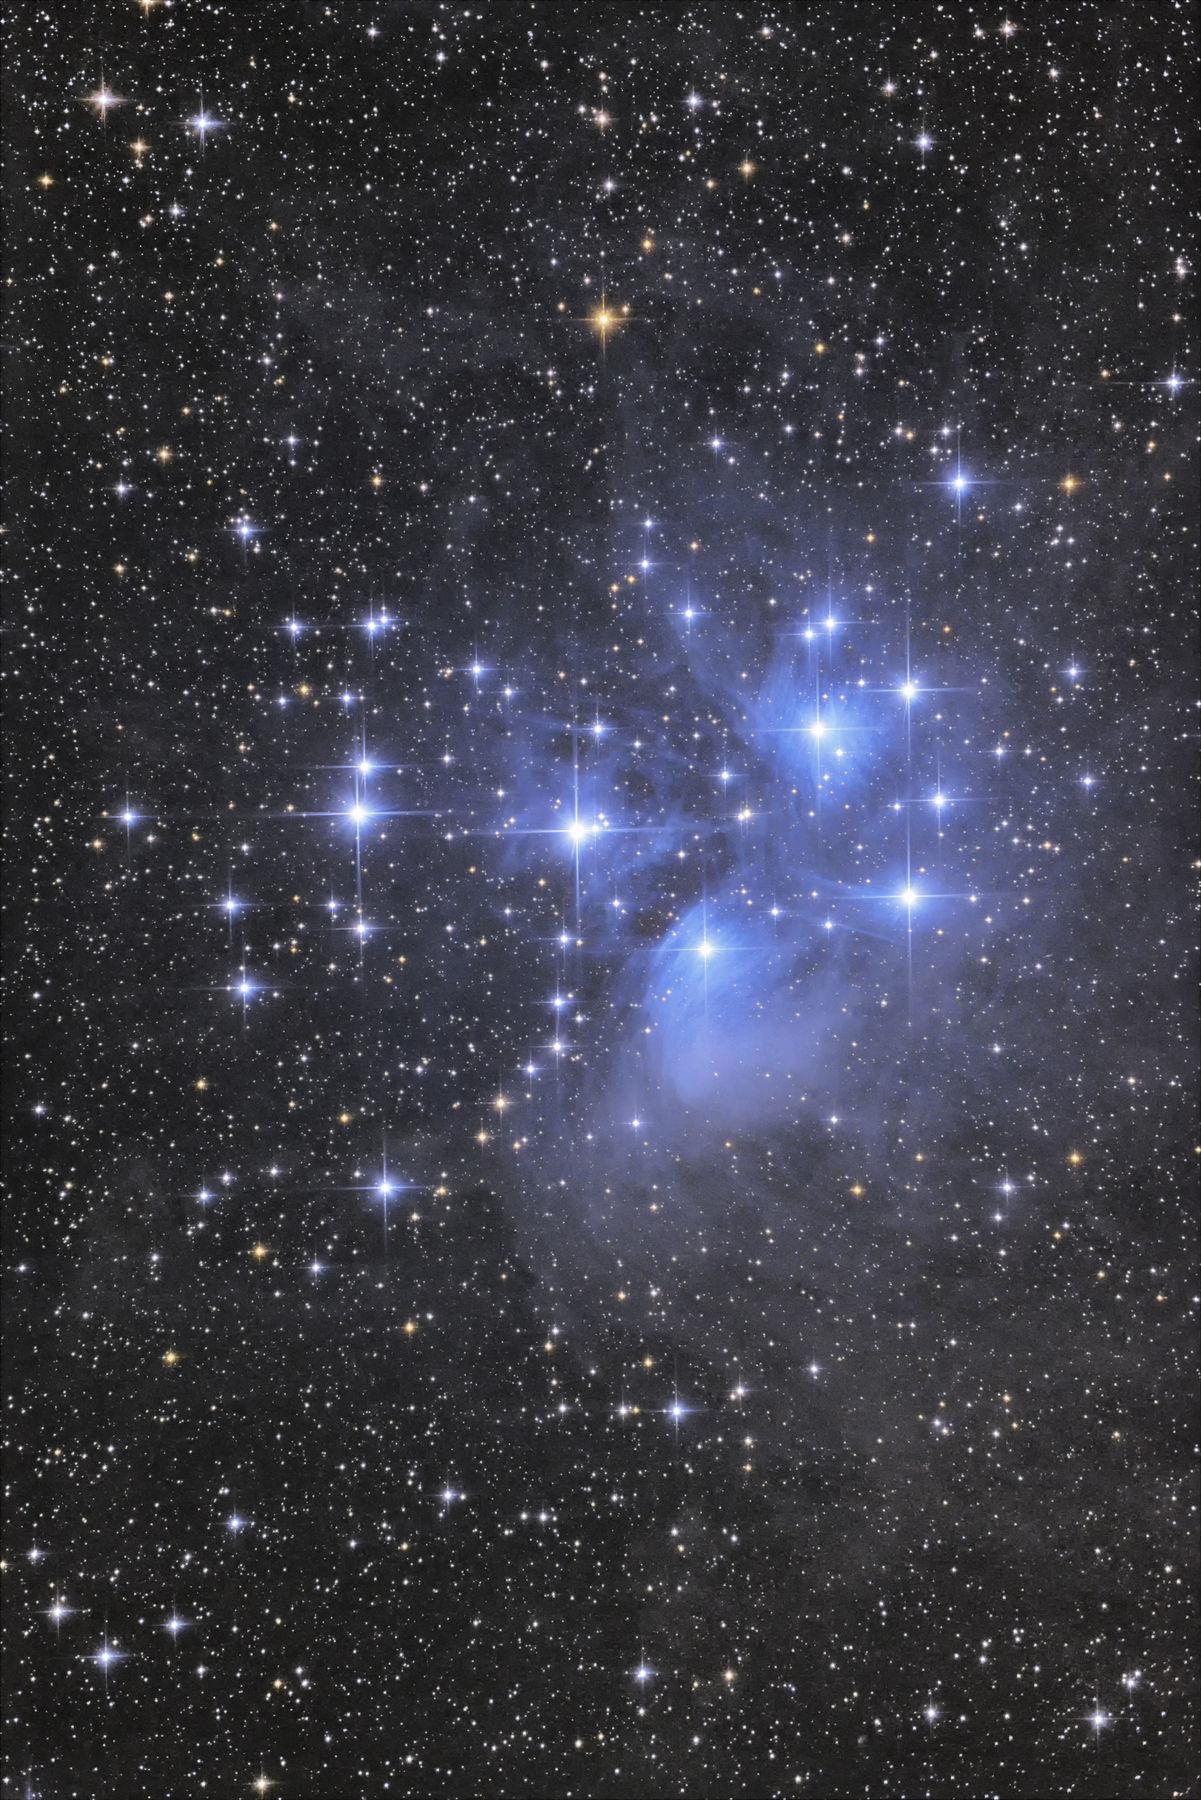 【星団】M45 プレアデス星団(すばる)